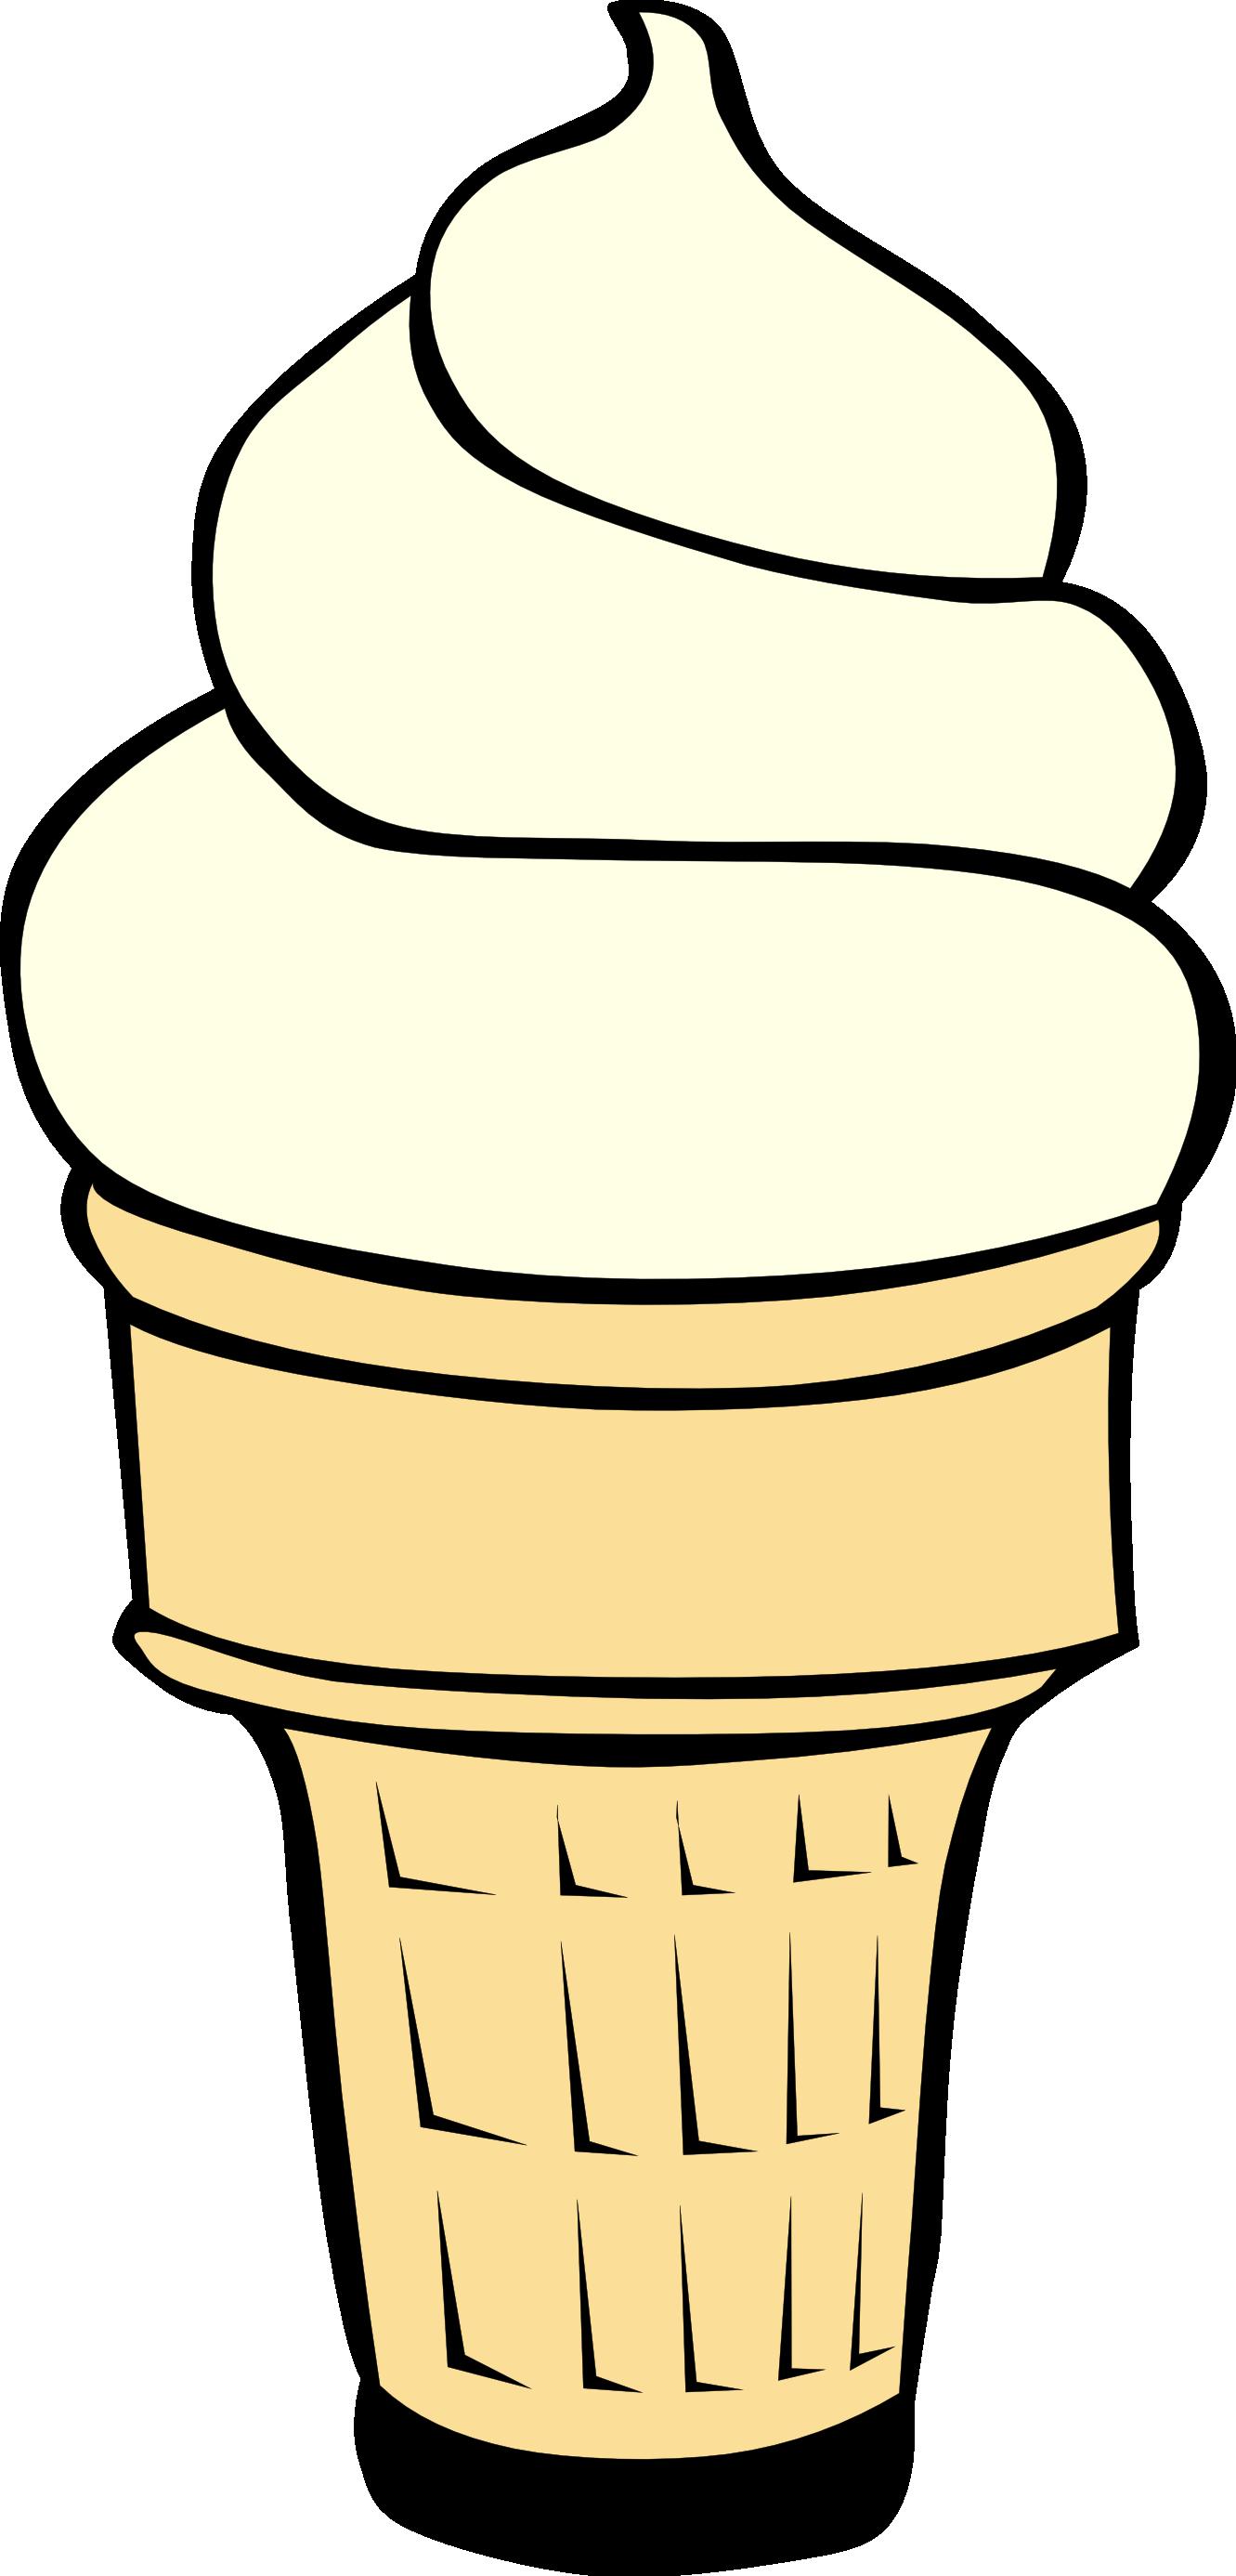 Ice cream cone clipart free images 5